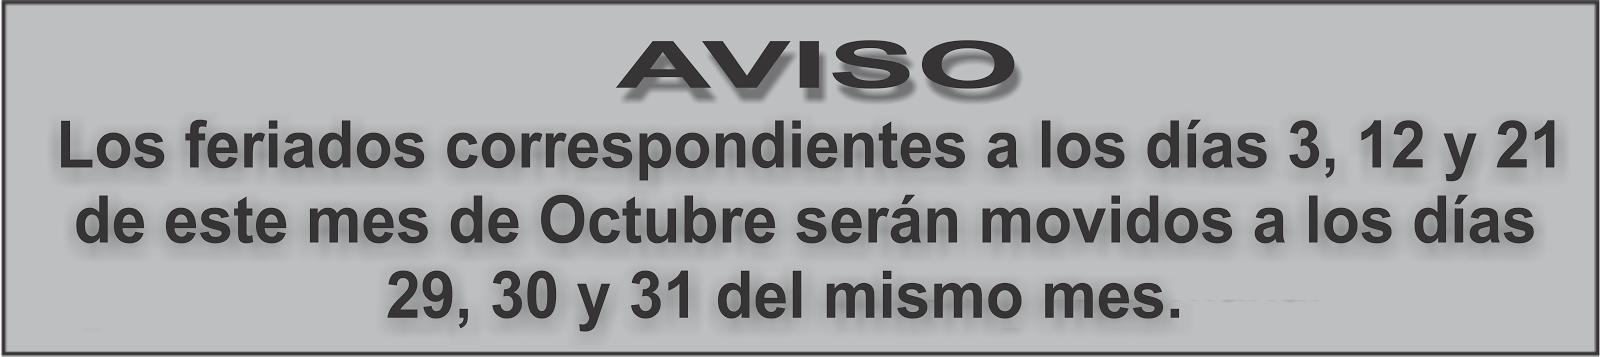 AVISO FERIADOS